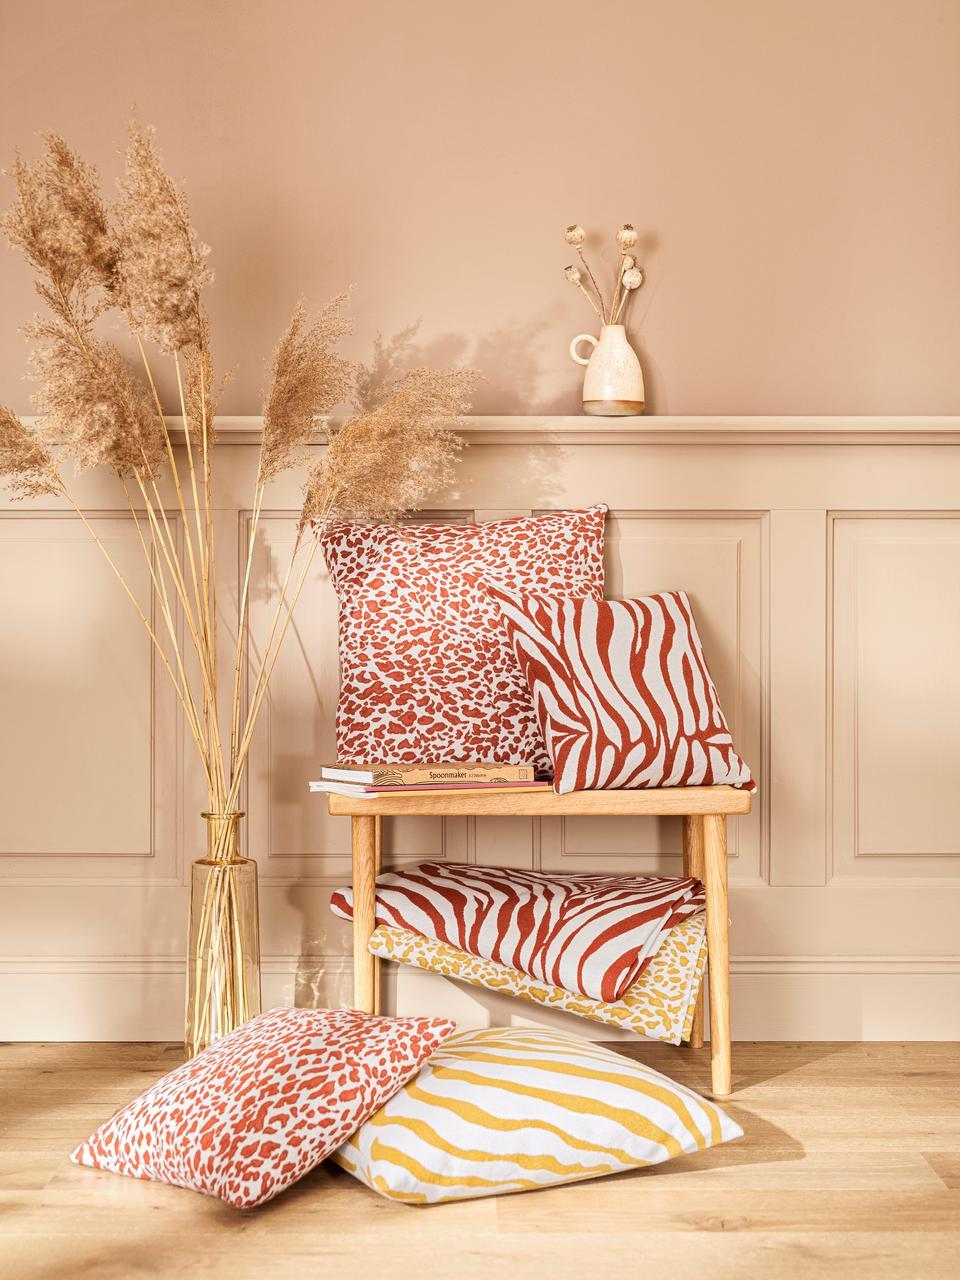 Kissenhülle Sana mit Zebra-Print in Gelb/Weiß, Webart: Jacquard, Senfgelb, Weiß, 50 x 50 cm